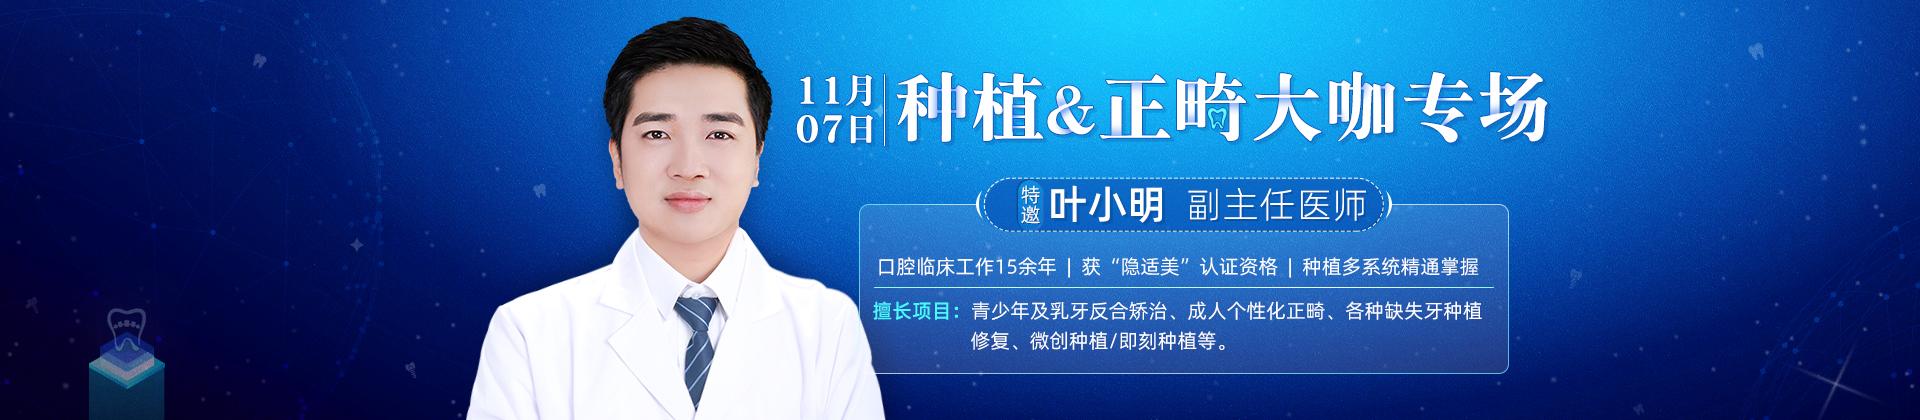 11月7日特邀种植矫牙大咖叶小明亲诊